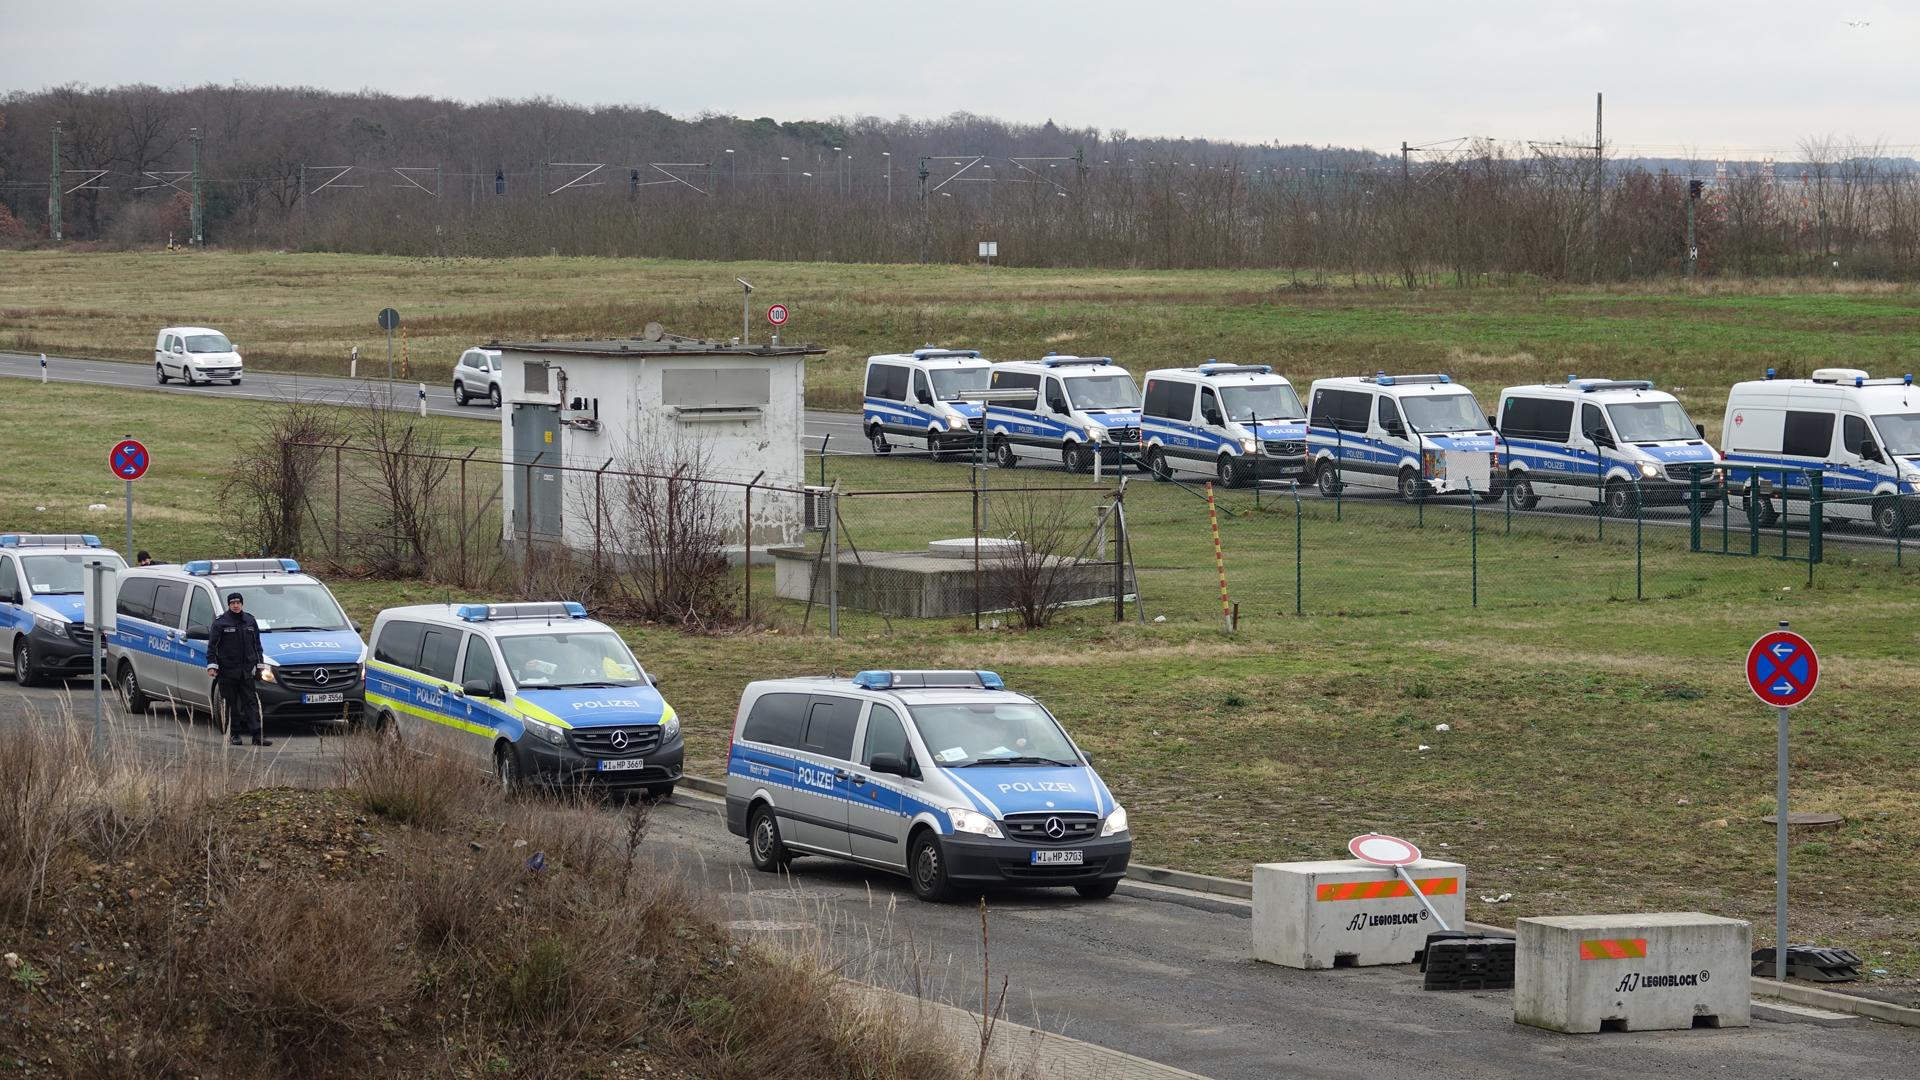 Ein Bruchteil der Polizeiwagen vor Ort. Ein Großaufgebot an Polizisten musste die Veranstaltung schützen.